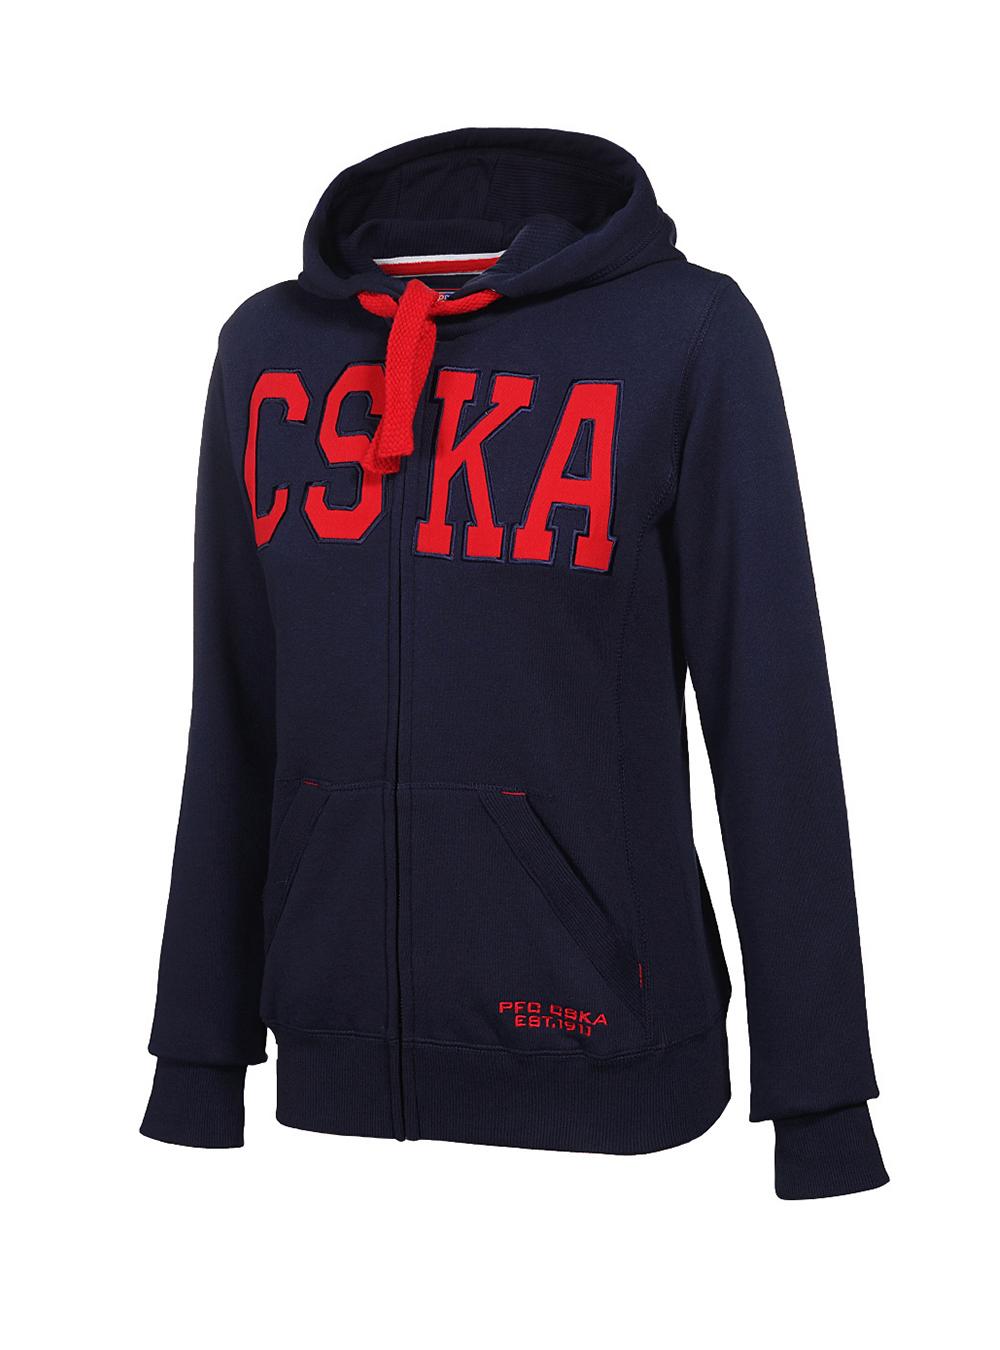 Купить Толстовка CSKA женская, цвет синий (S) по Нижнему Новгороду